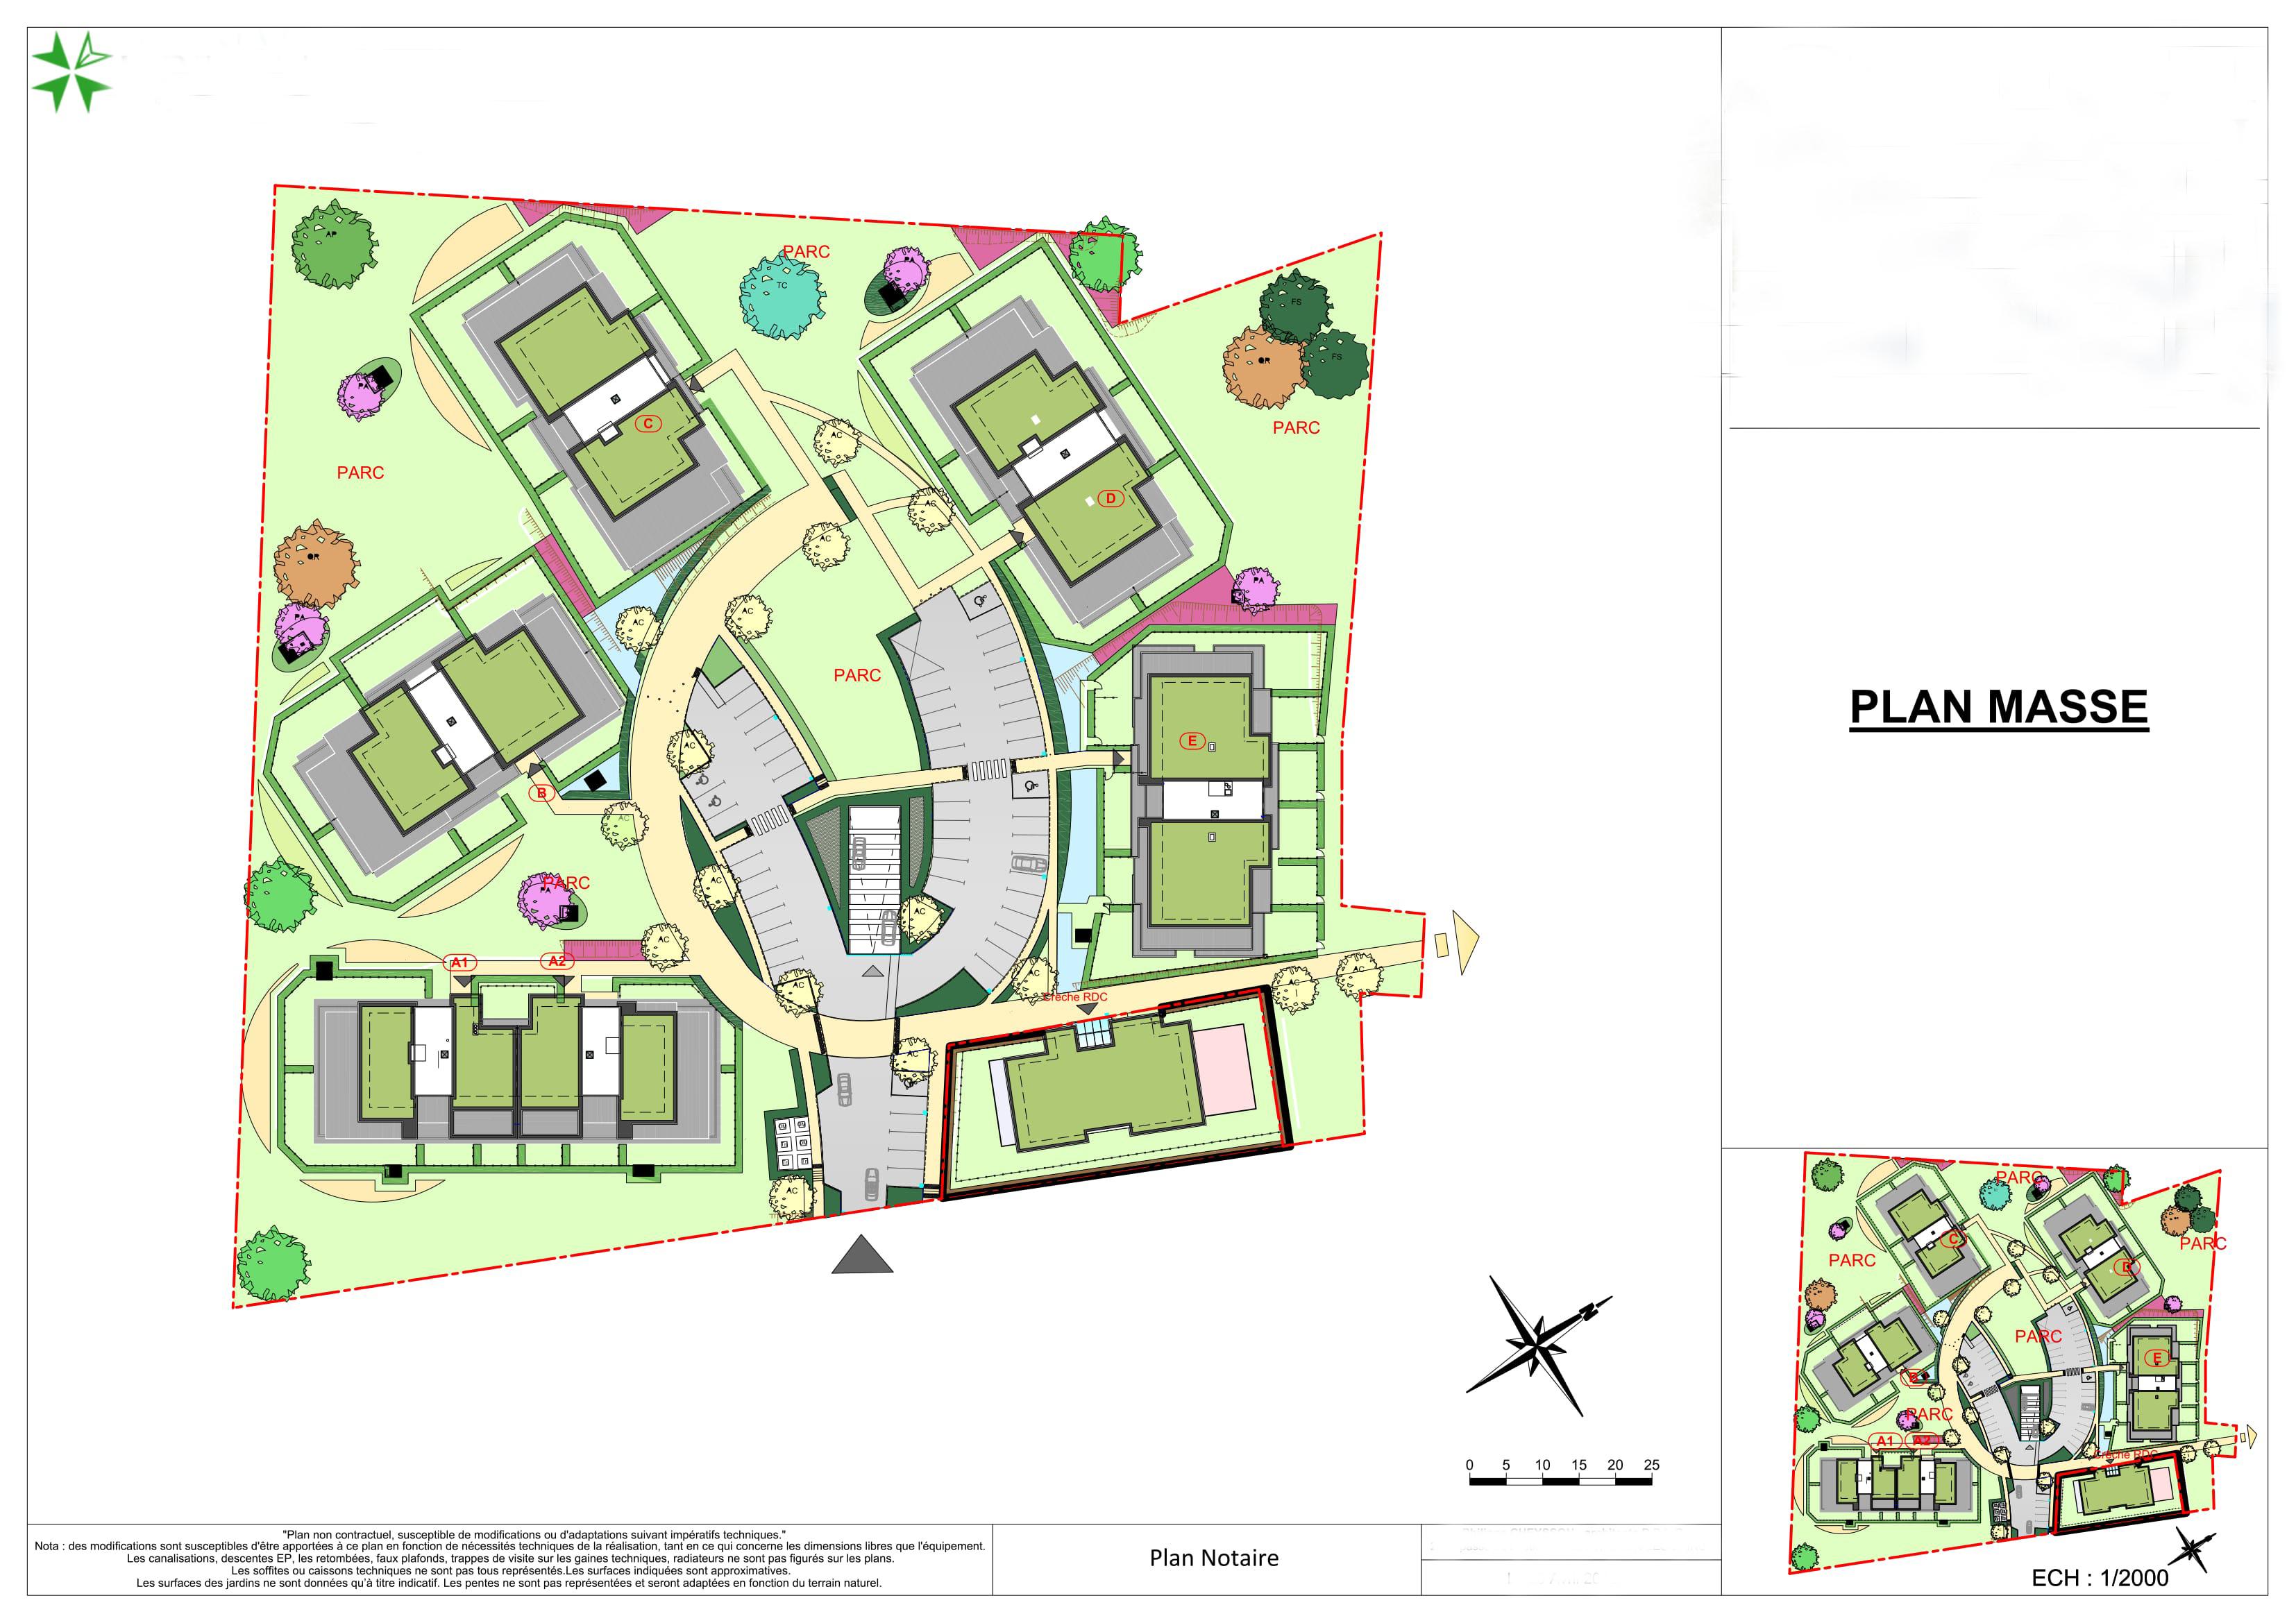 Генерален план: Нови апартаменти във френски град Thoiry, 10 км от Женева